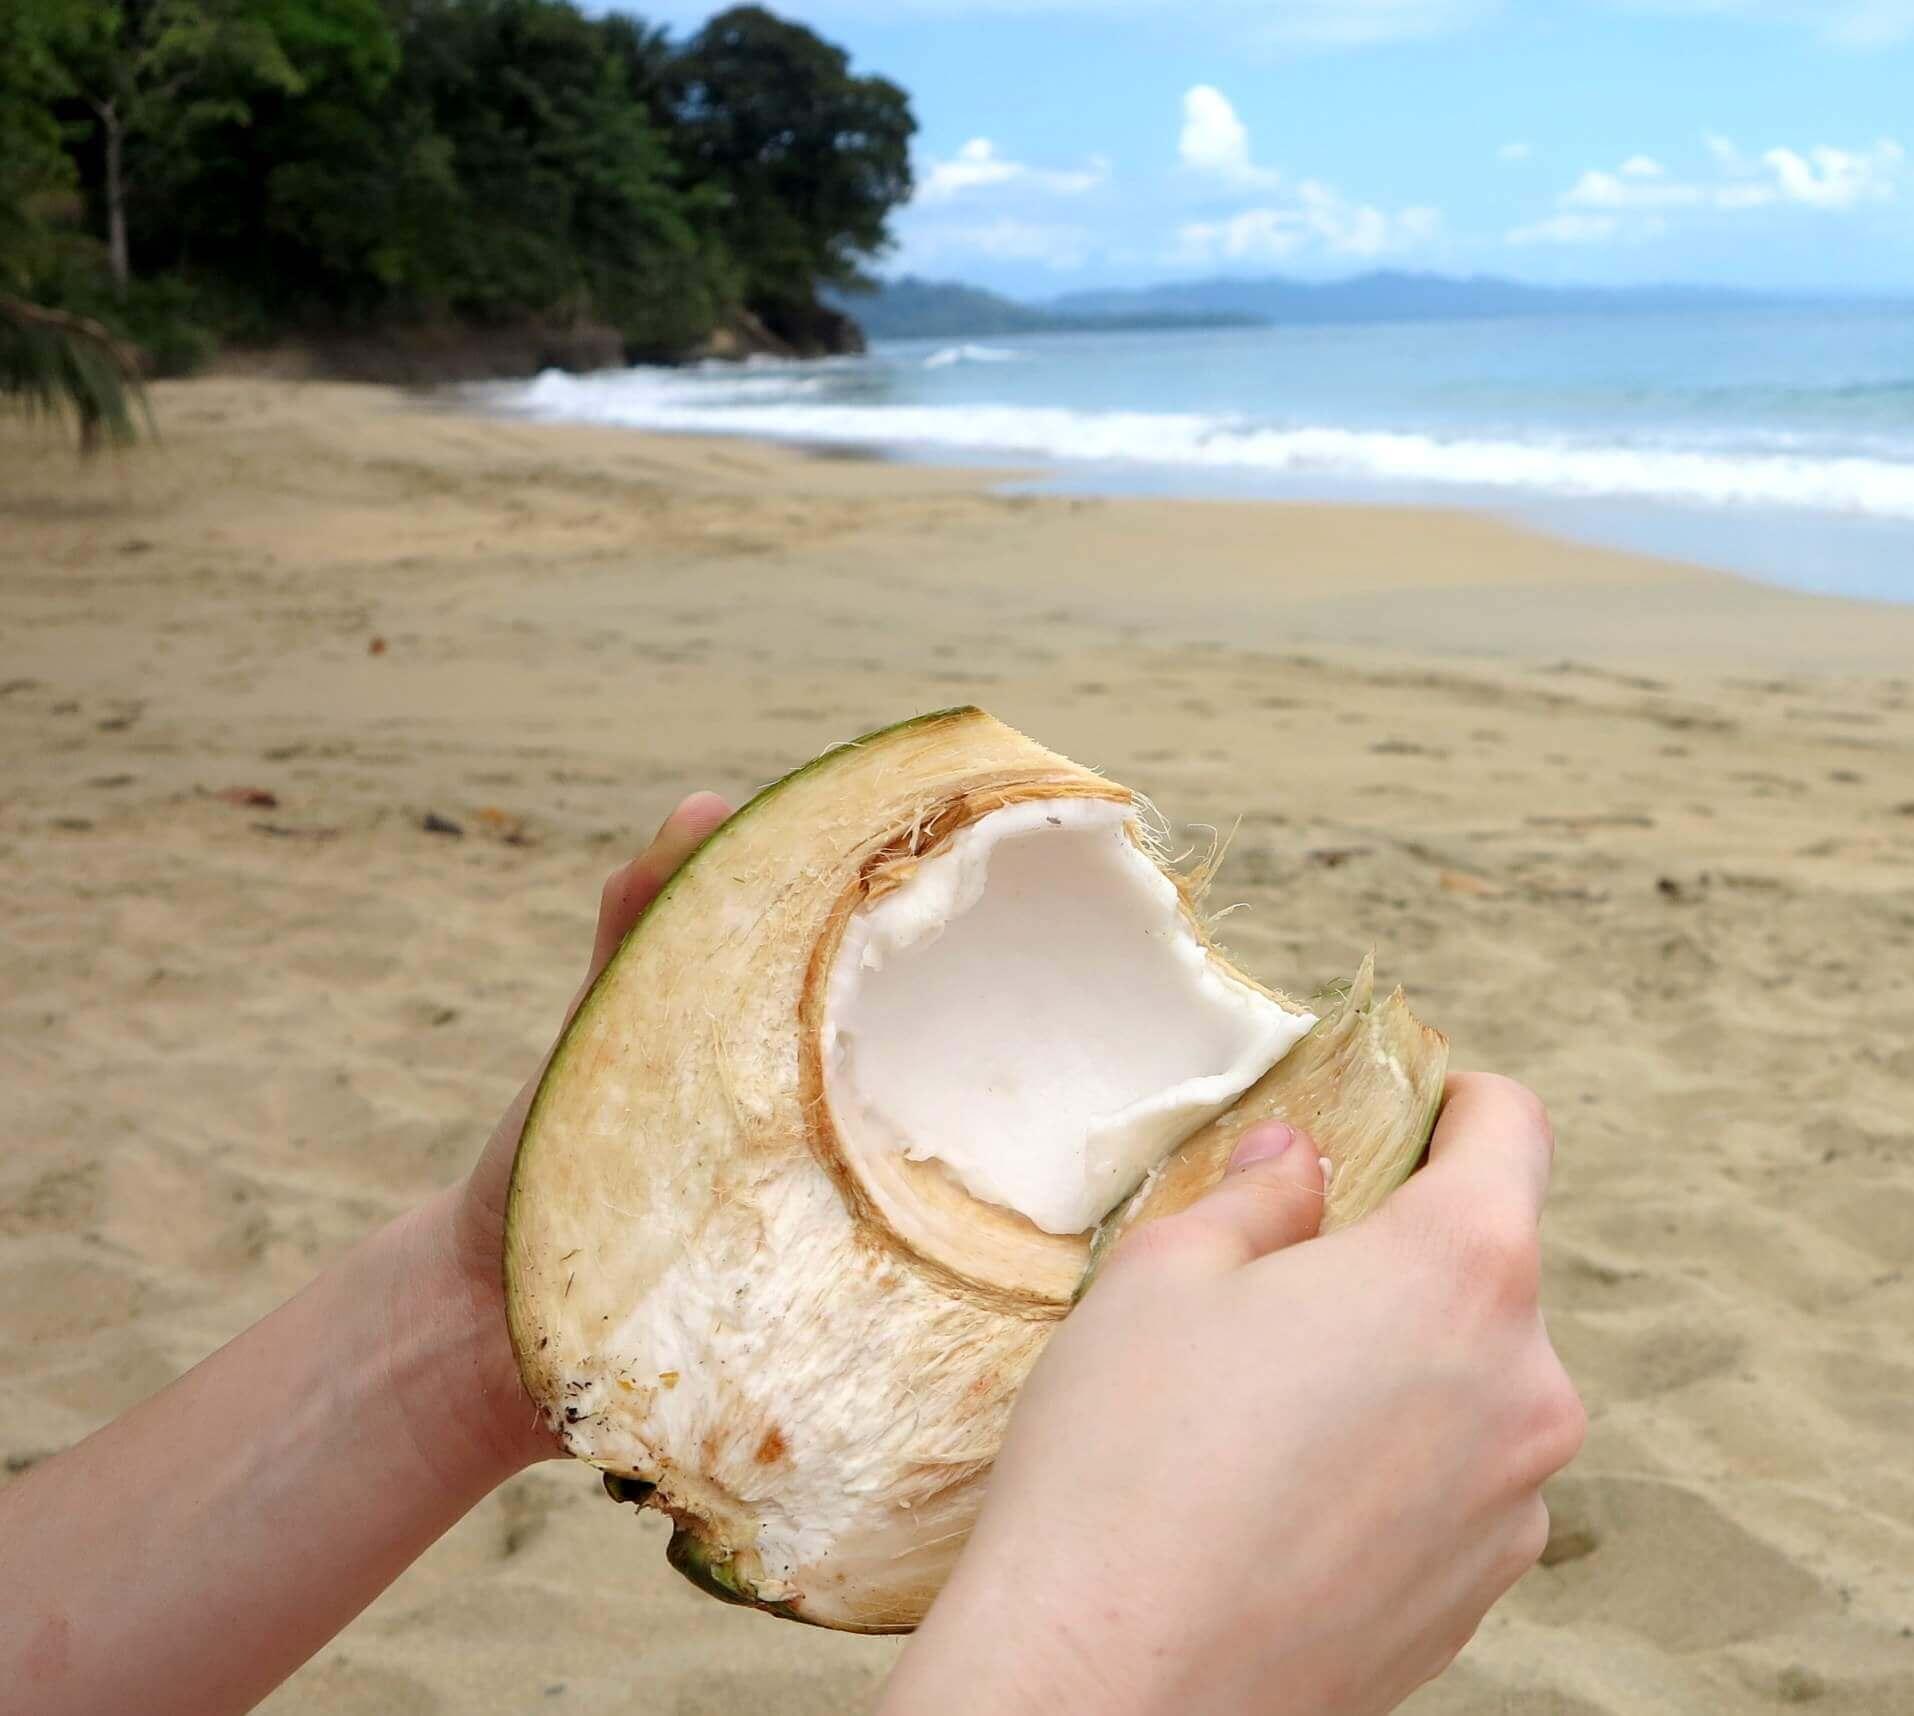 Das cremige Innere einer frischen Kokosnuss lässt sich mit einem Stück abgeschlagener Schale einfach herausschaben